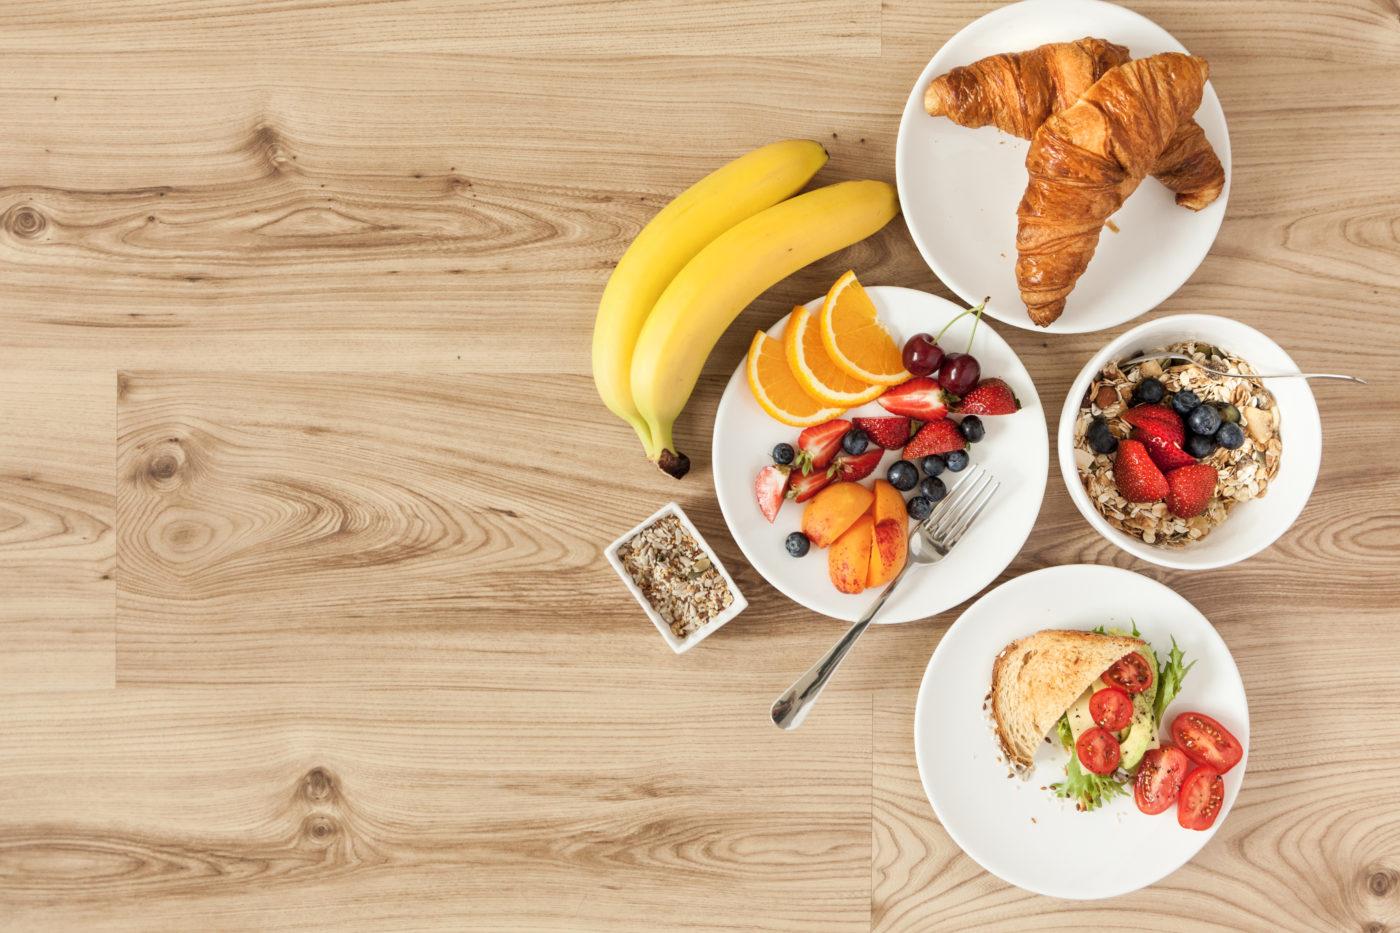 Conseils nutrition Uberti : Le petit-déjeuner : manger comme un roi le matin